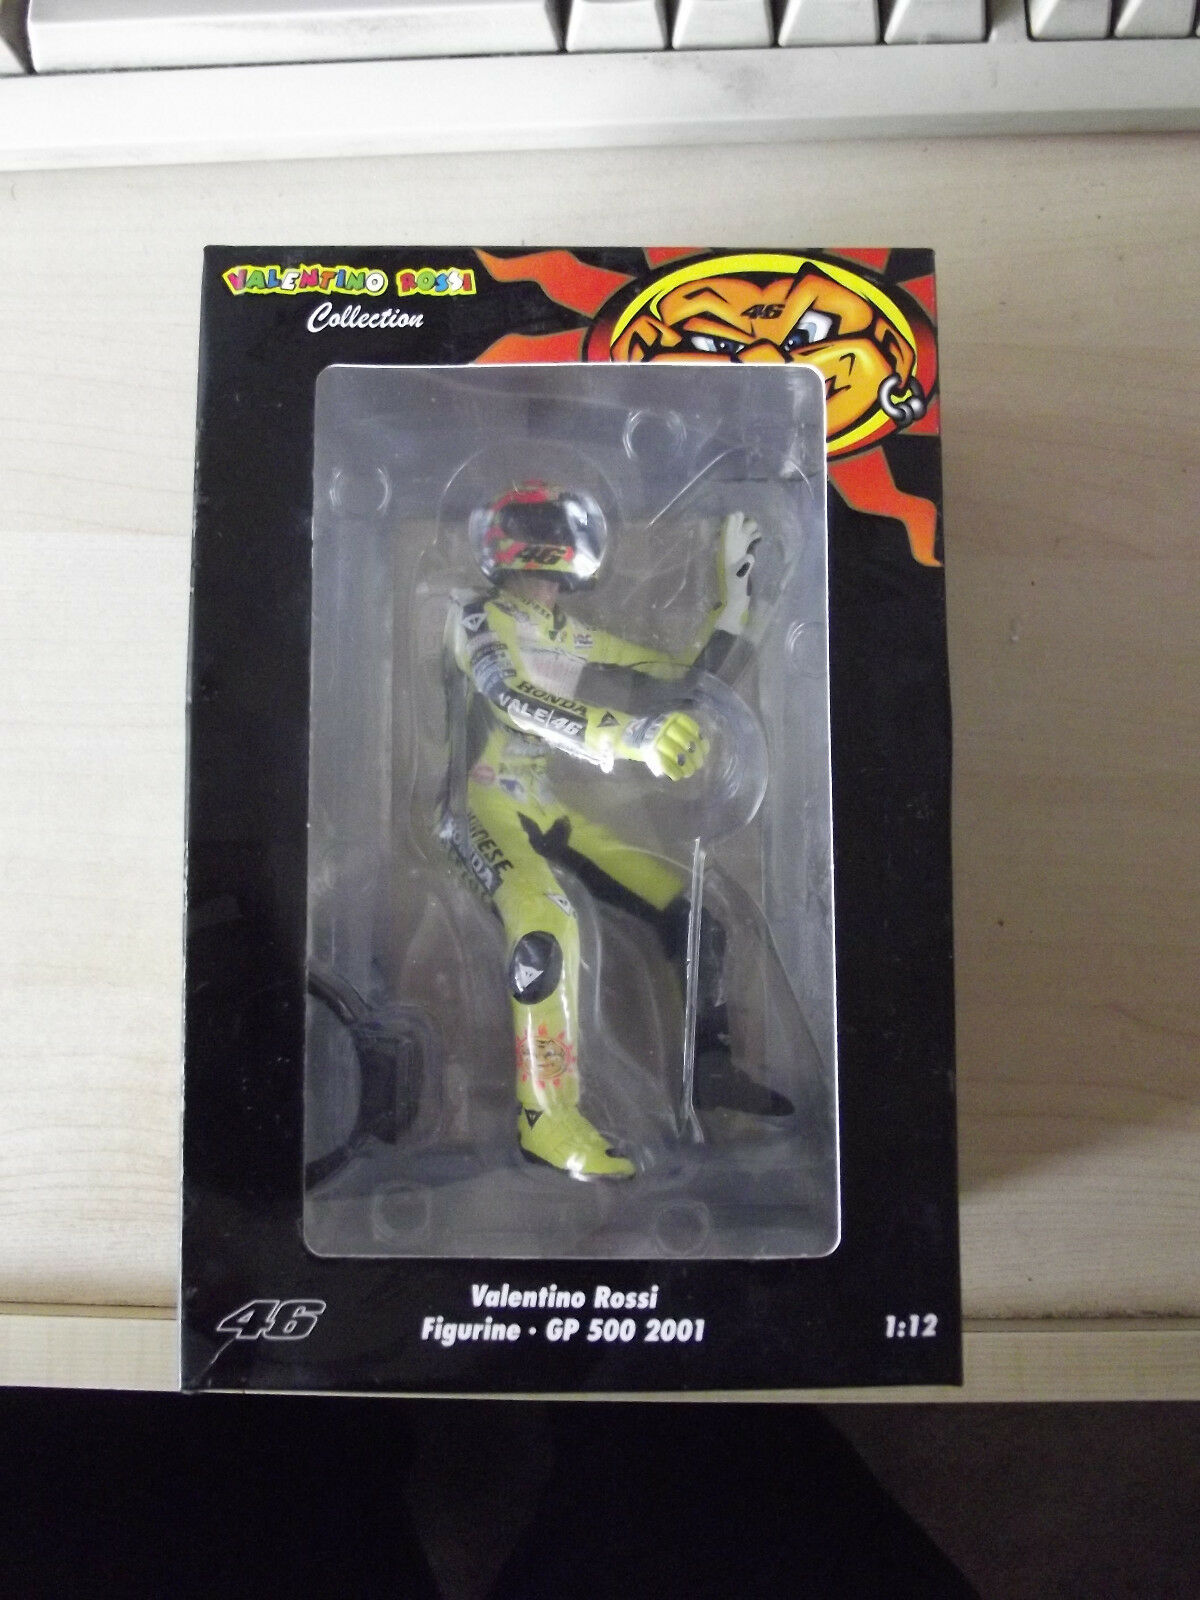 RARO LTD 7746pcs Minichamps che sta seduto Statuetta GP 500cc 2001 MOTOGP